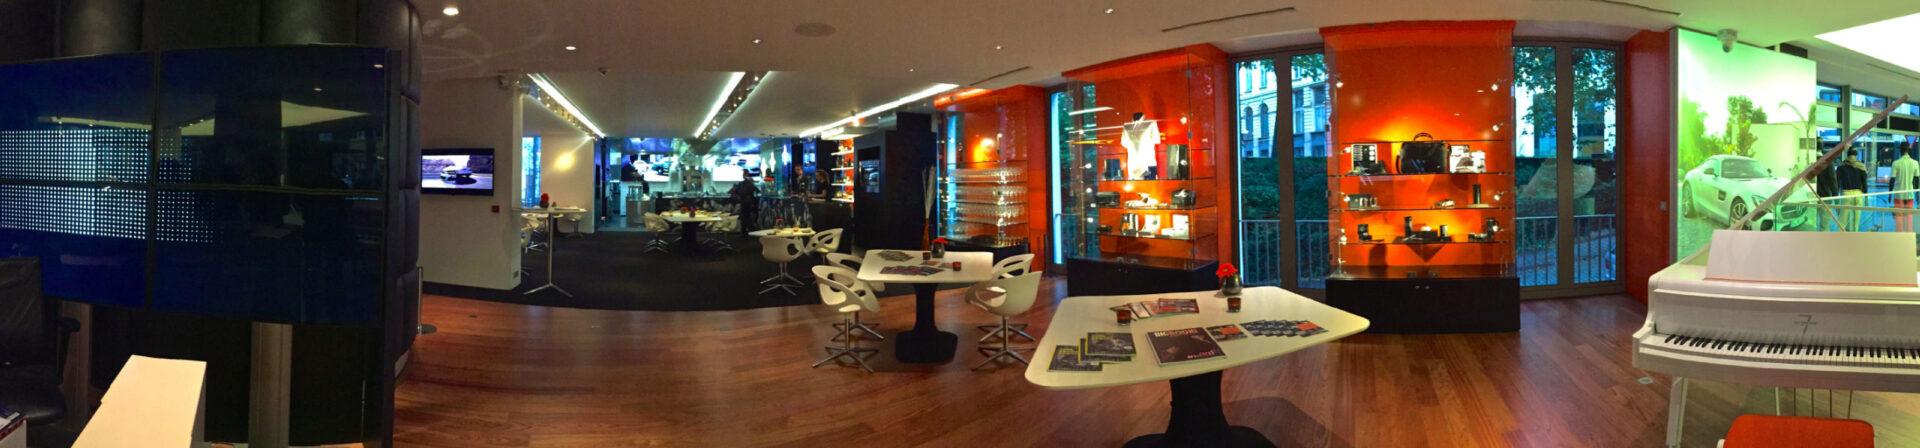 Мишленовский ресторанWY вшоуруме Mercedes House Brussels